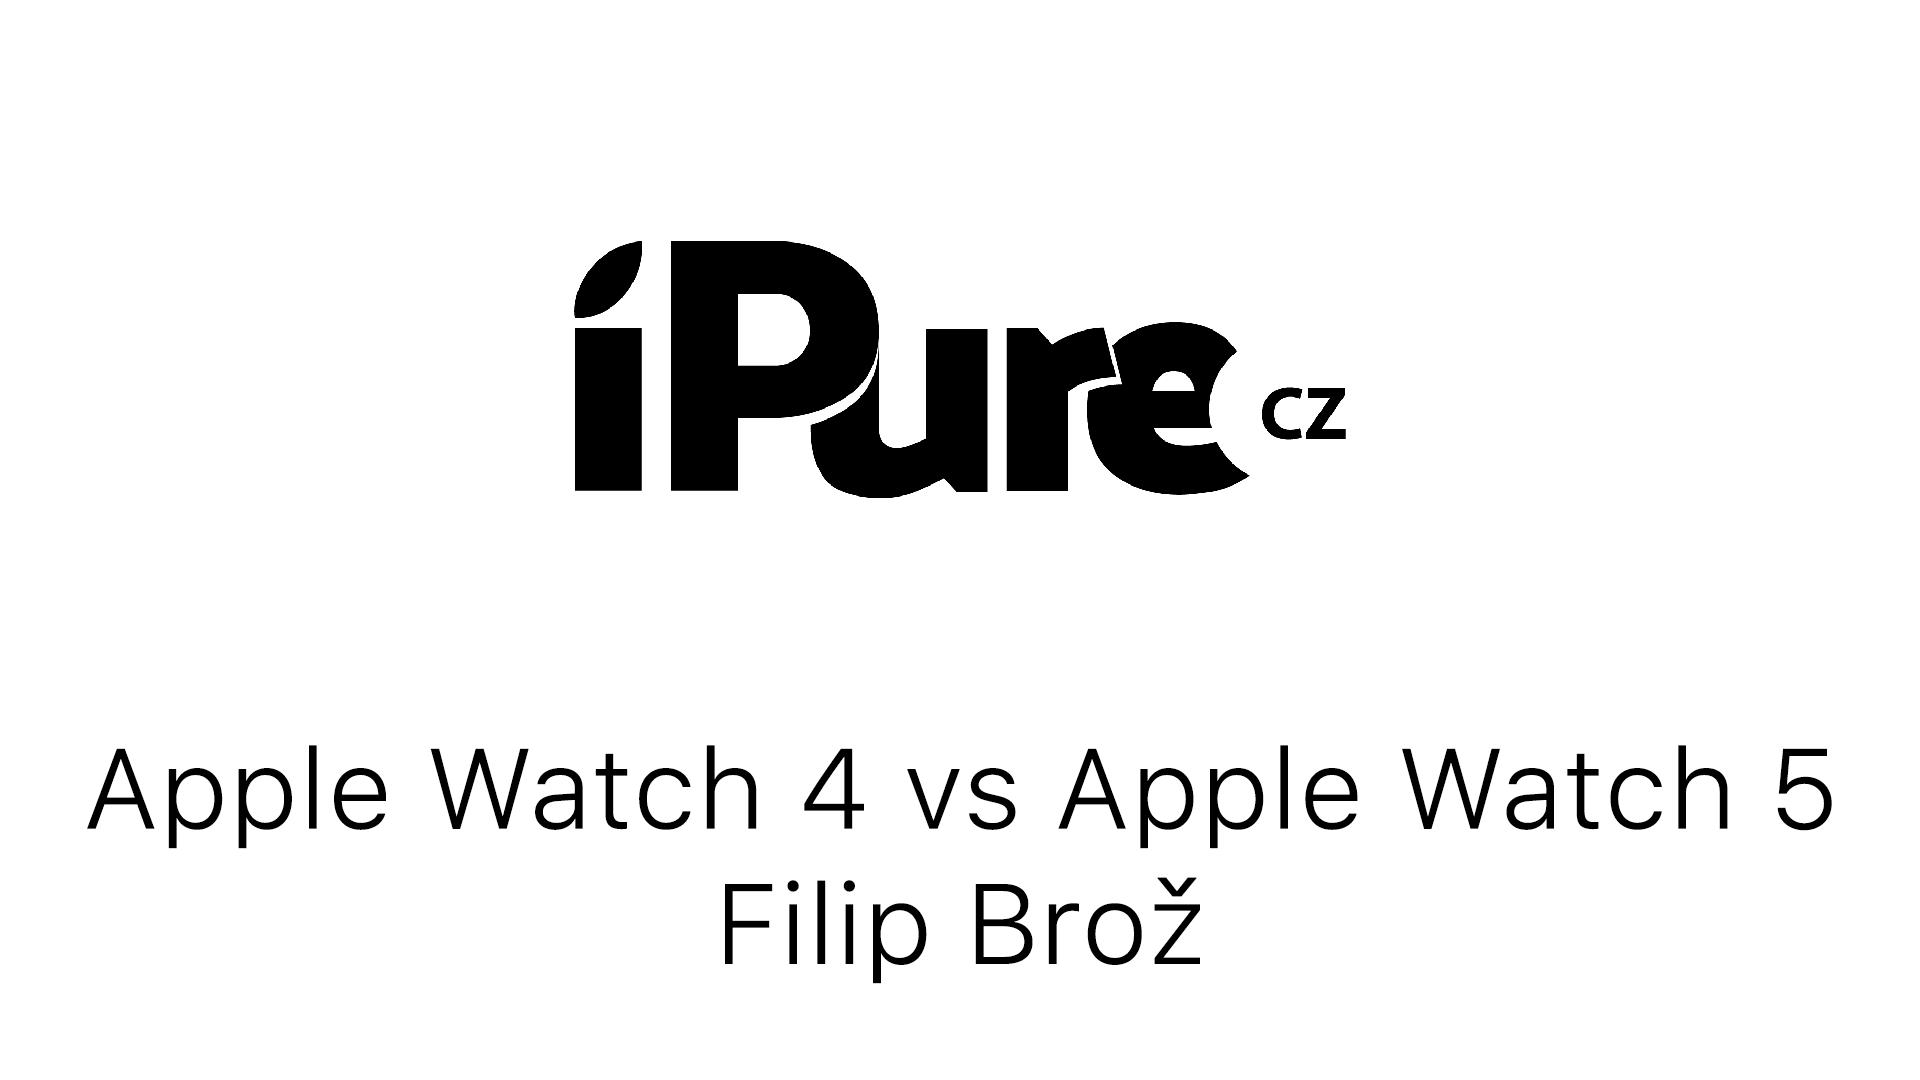 Apple Watch 4 vs Apple Watch 5